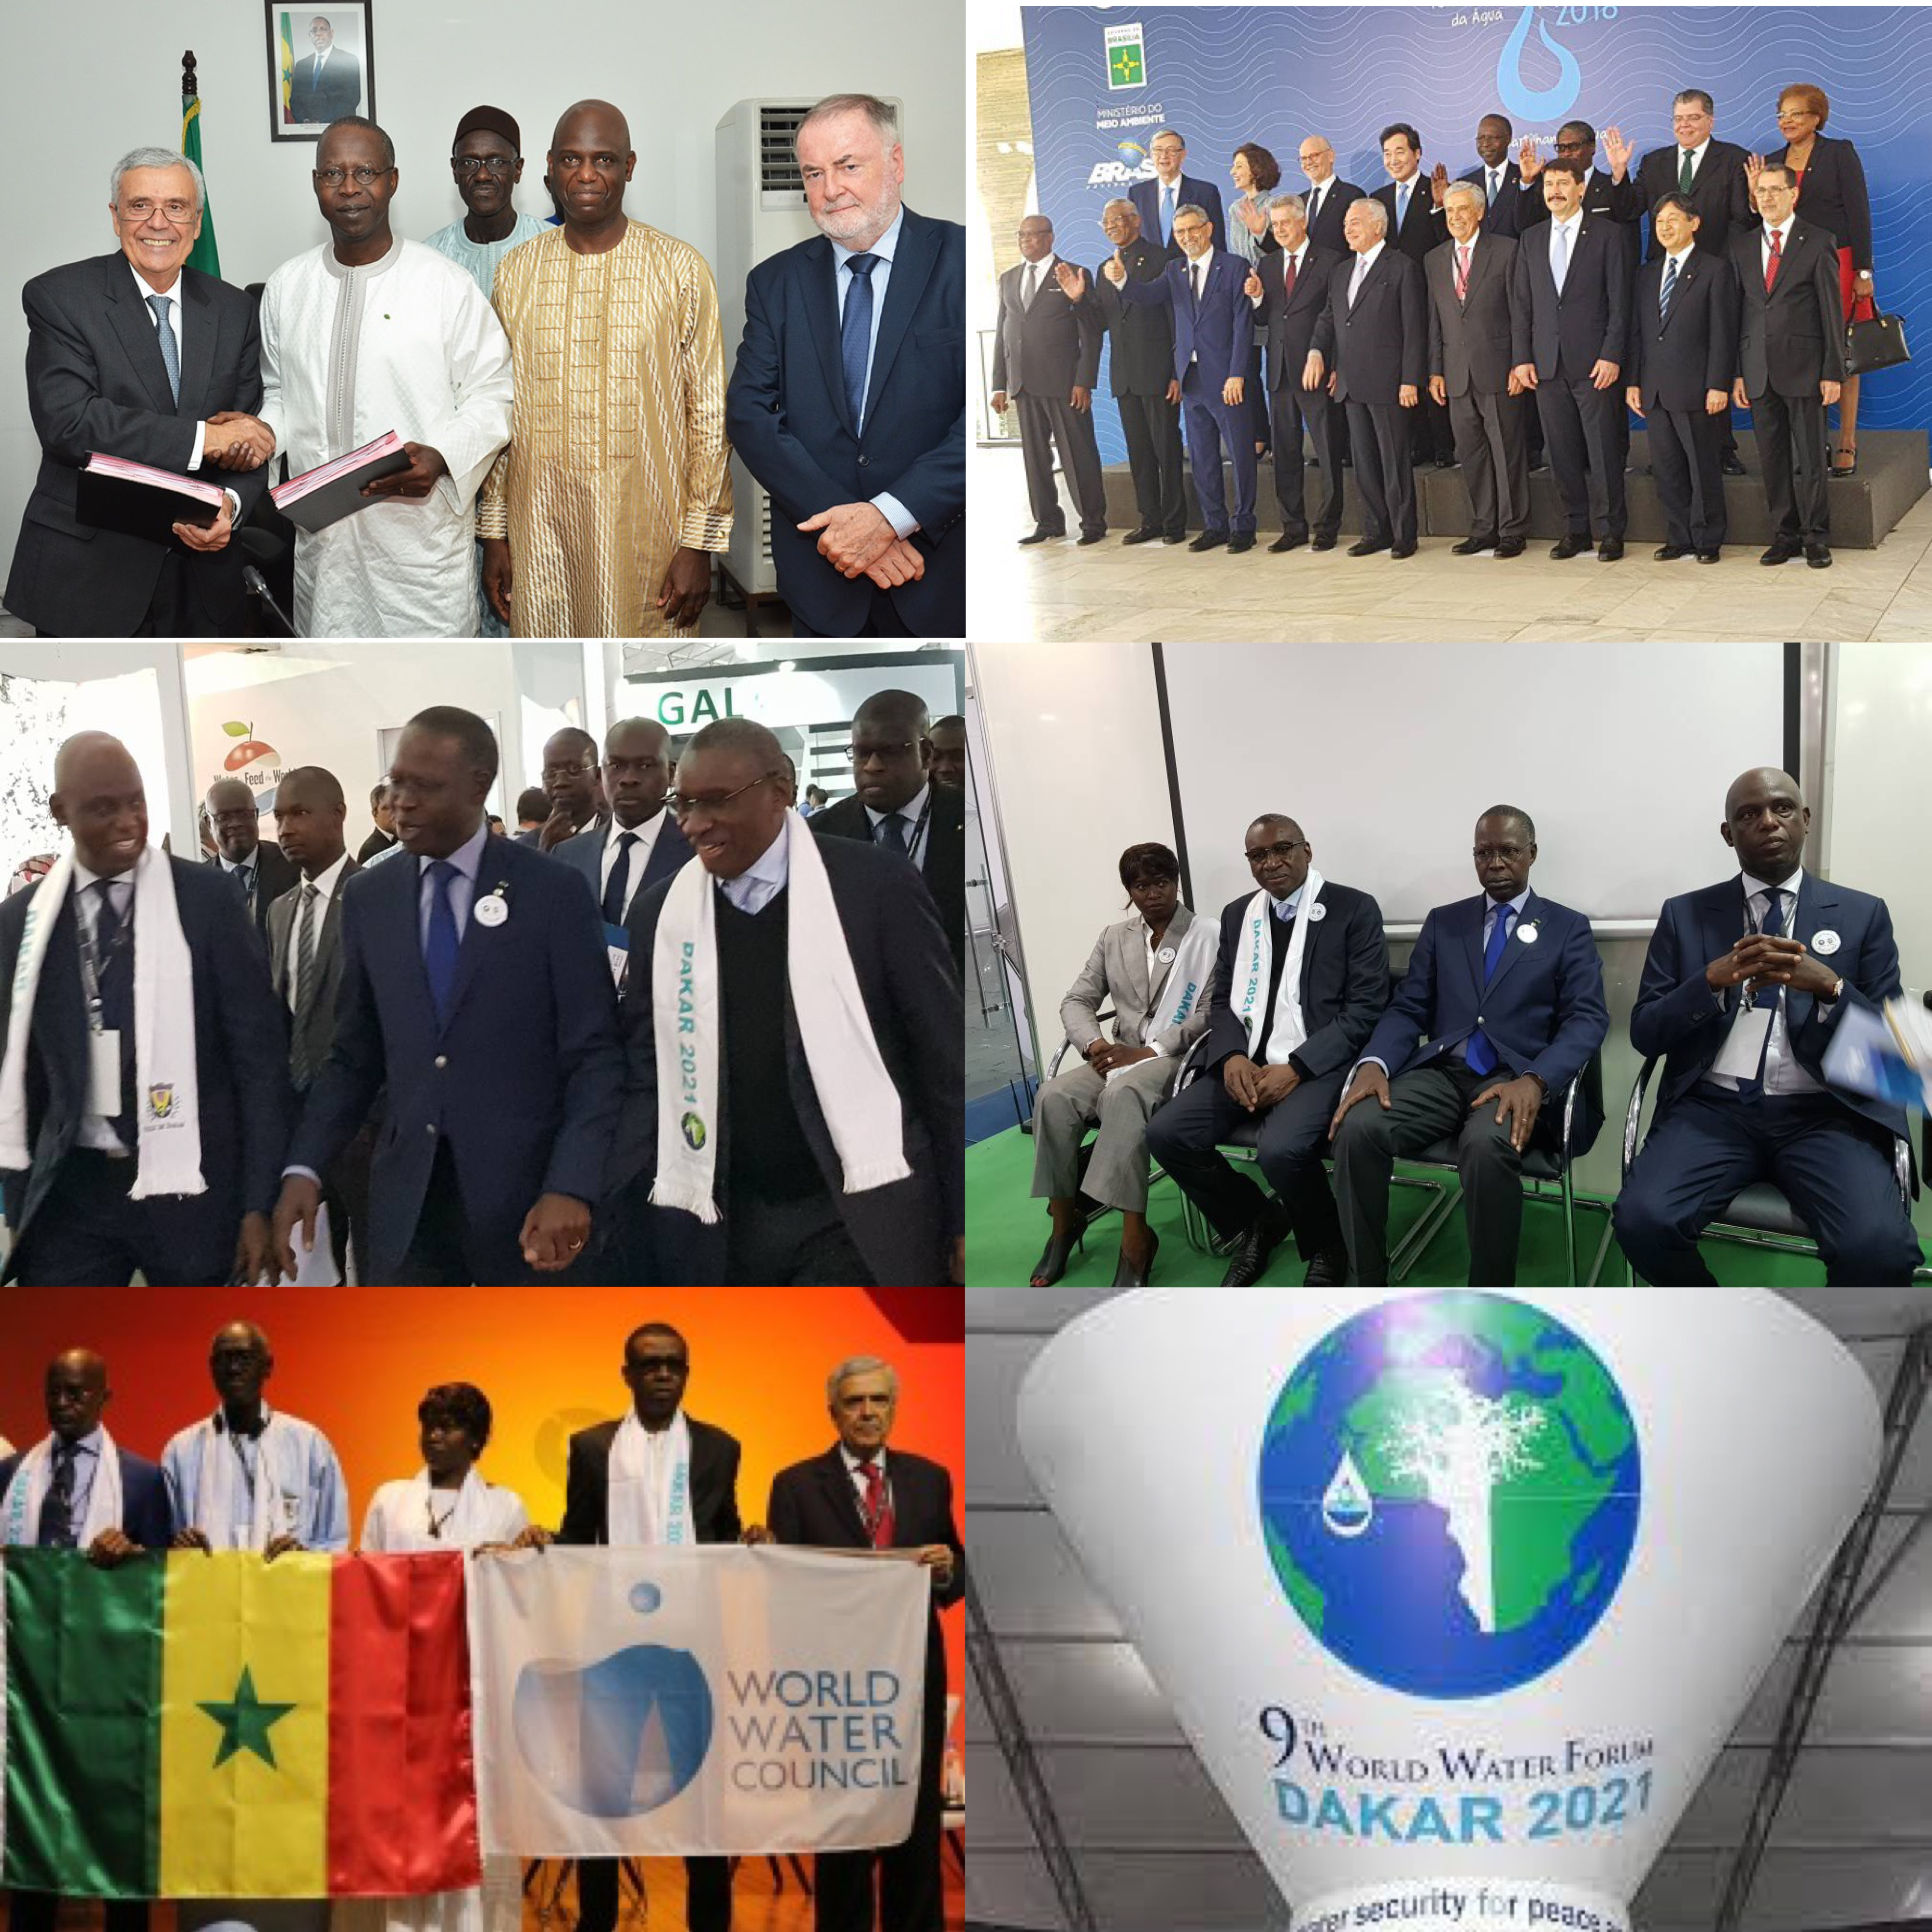 """(Enquête) Forum mondial de l'eau """"Dakar 2021"""" : Le coût réel d'un événement aux retombées incertaines"""